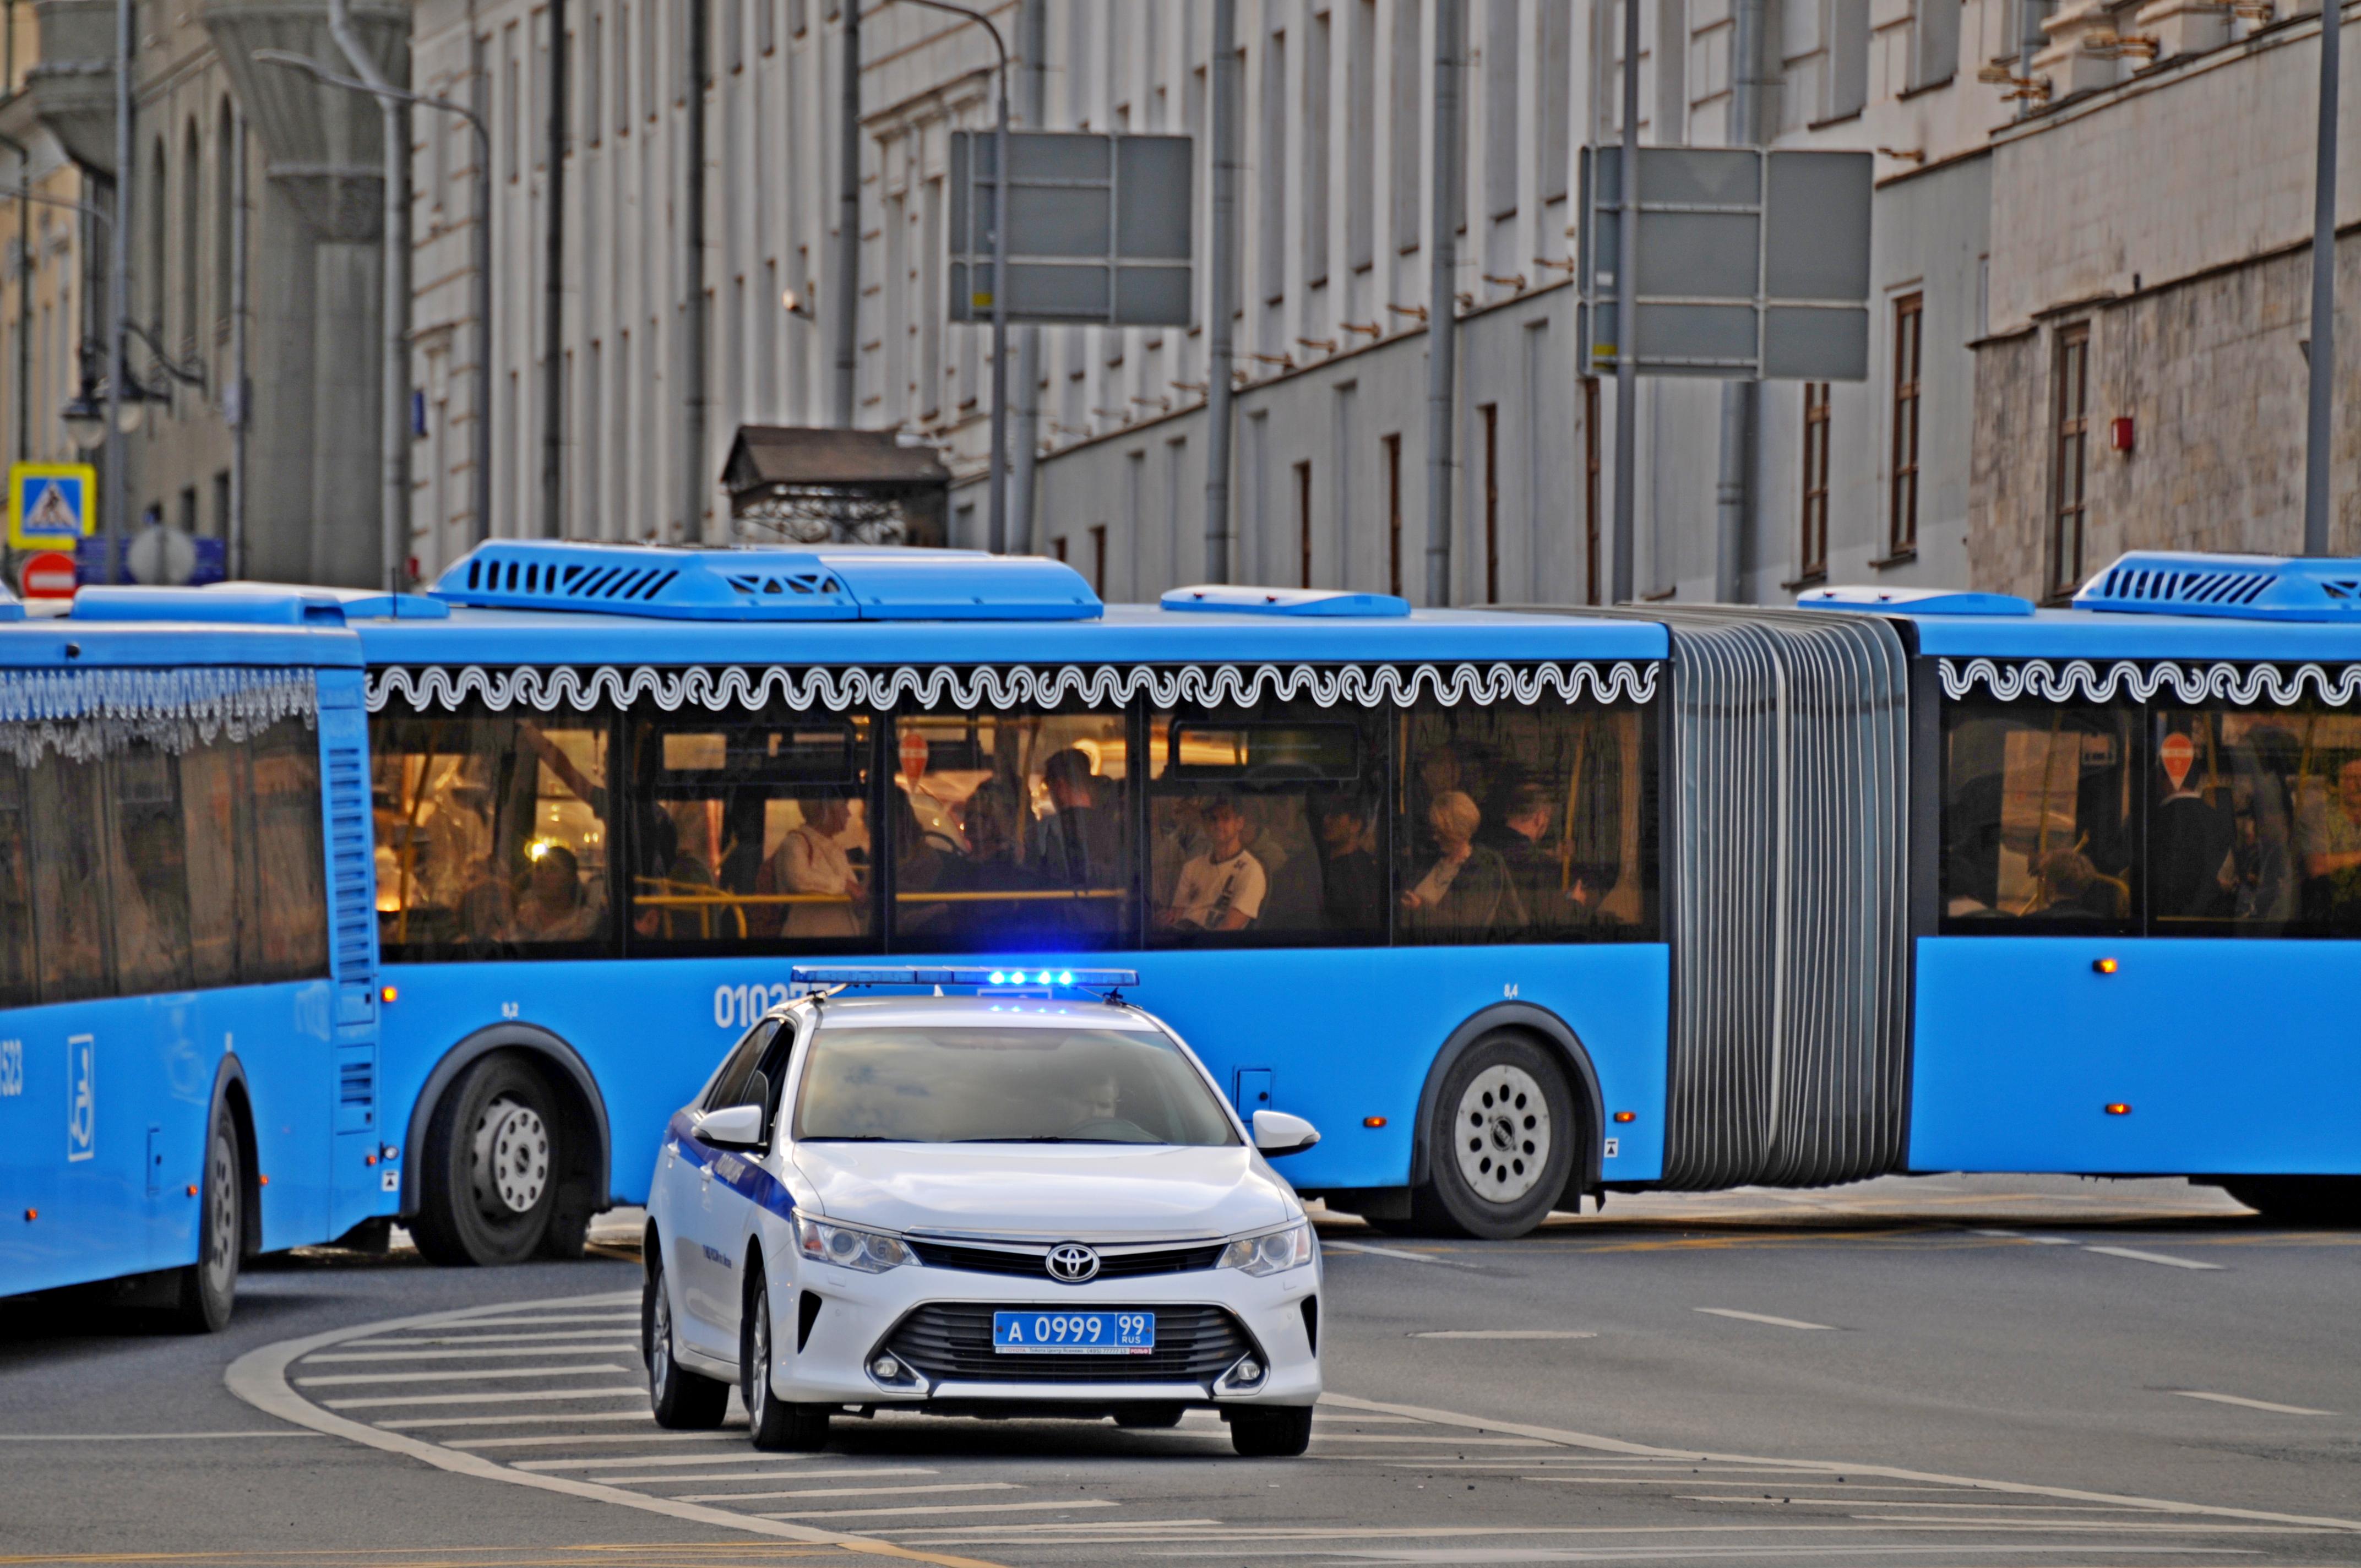 В Донском районе Москвы полицейские задержали подозреваемых в разбойном нападении